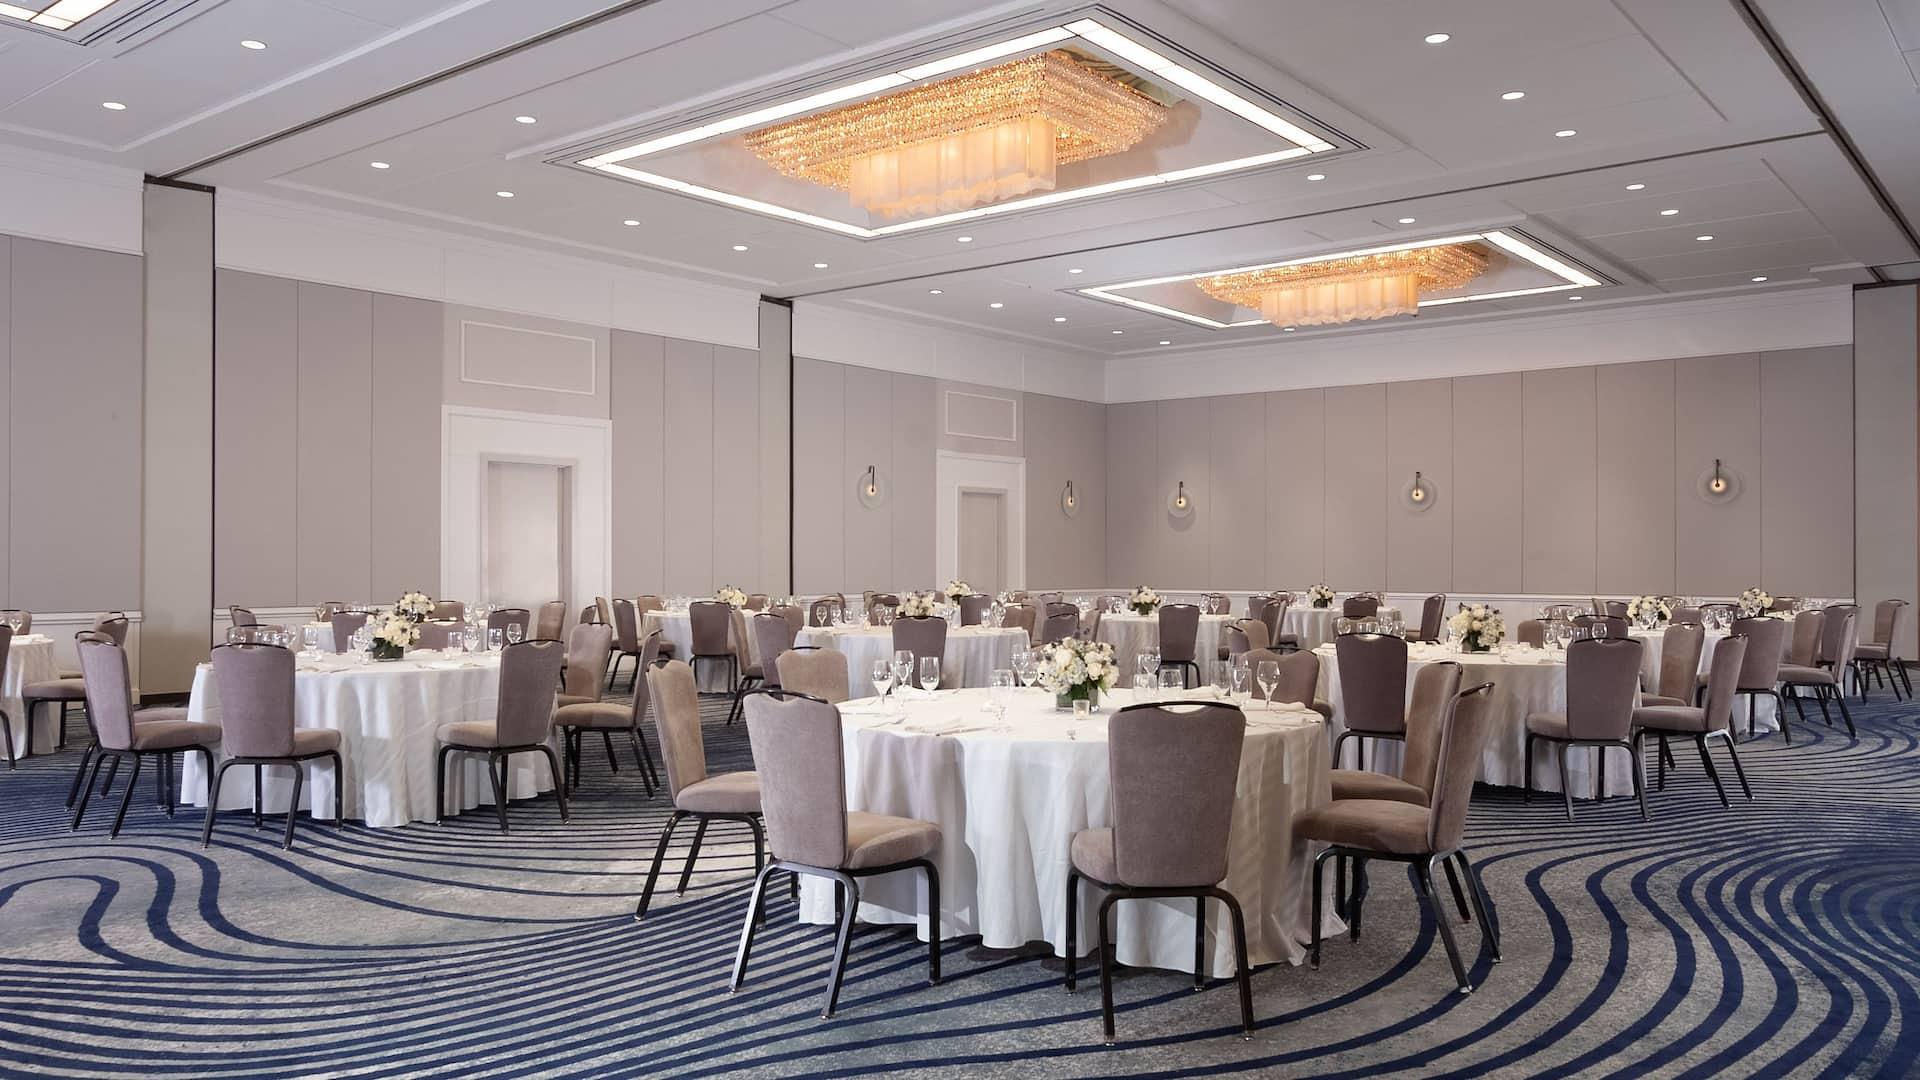 Regency Ballroom Social Set-Up at Hyatt Regency Greenwich